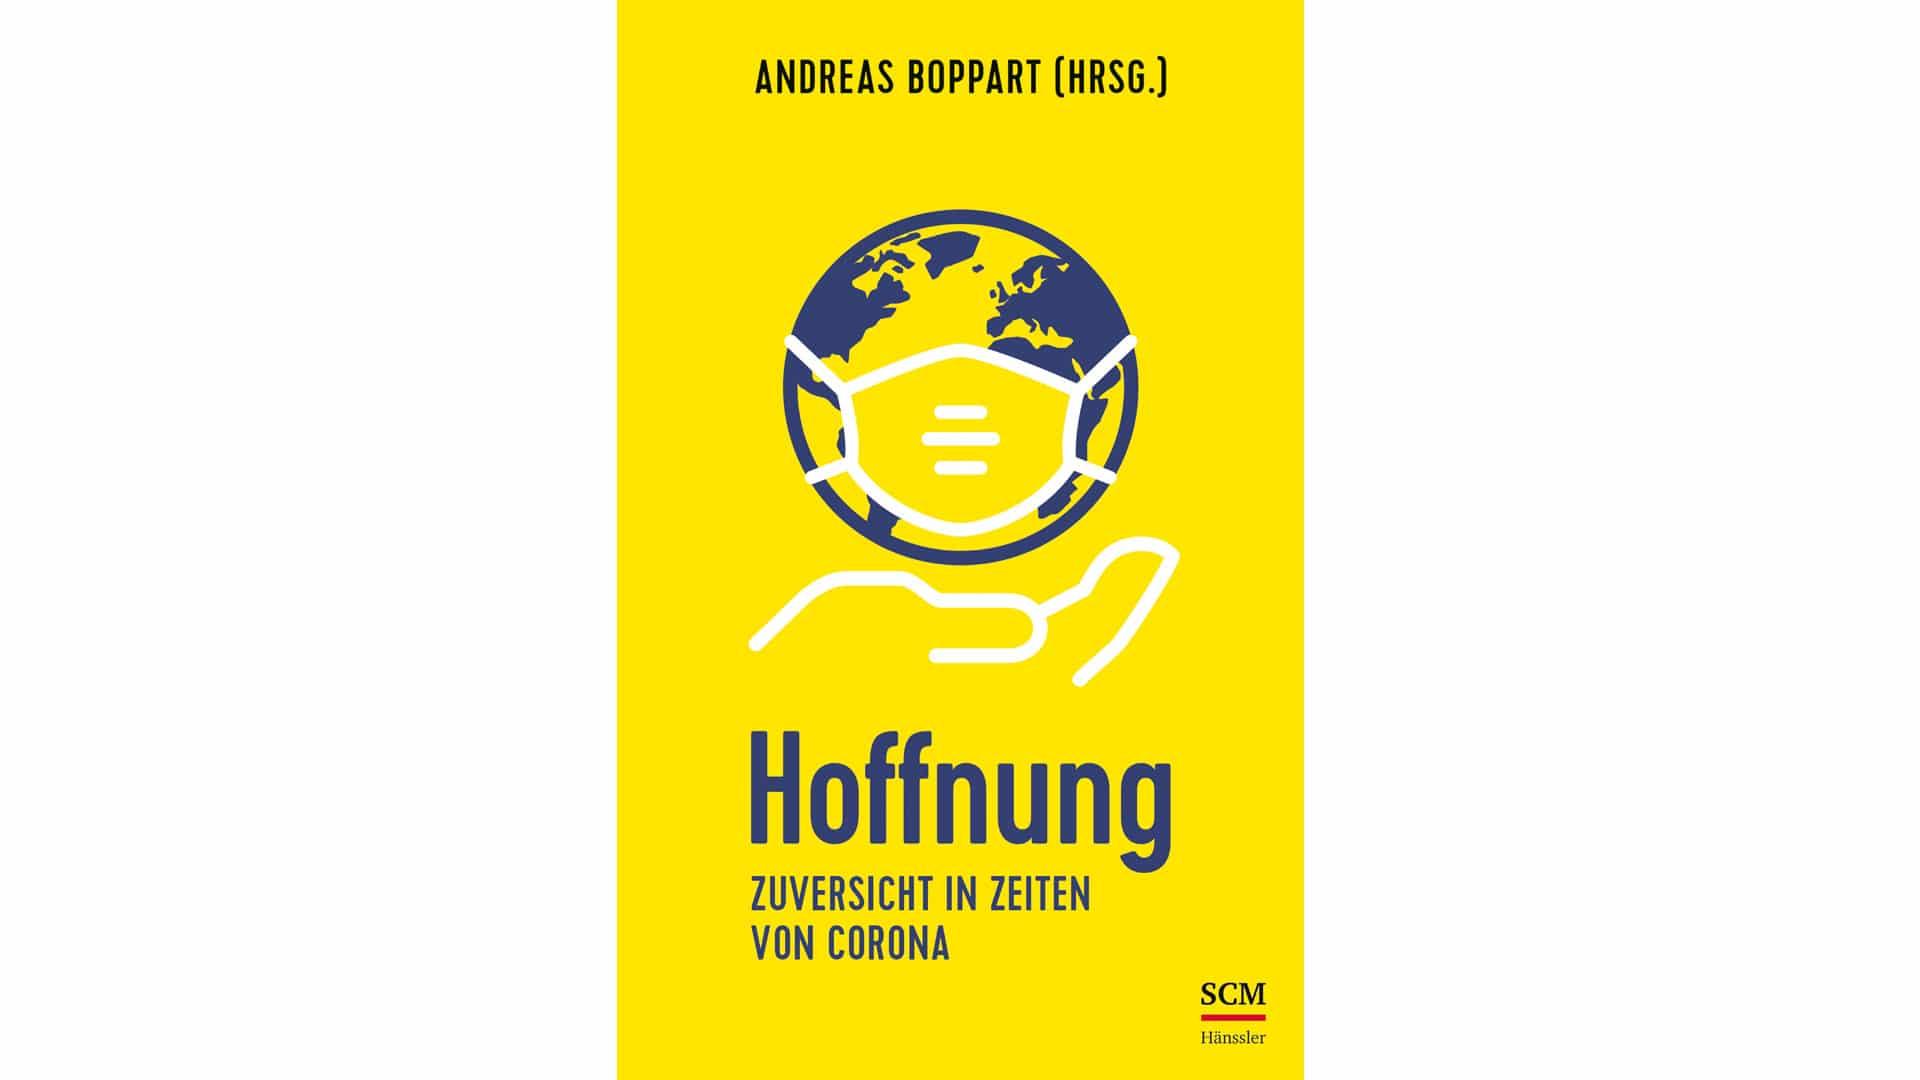 """Andreas Boppart (Hg.): """"Hoffnung: Zuversicht in Zeiten von Corona"""", SCM Hänssler, 9,99 Euro, 144 Seiten, ISBN 9783775160919"""